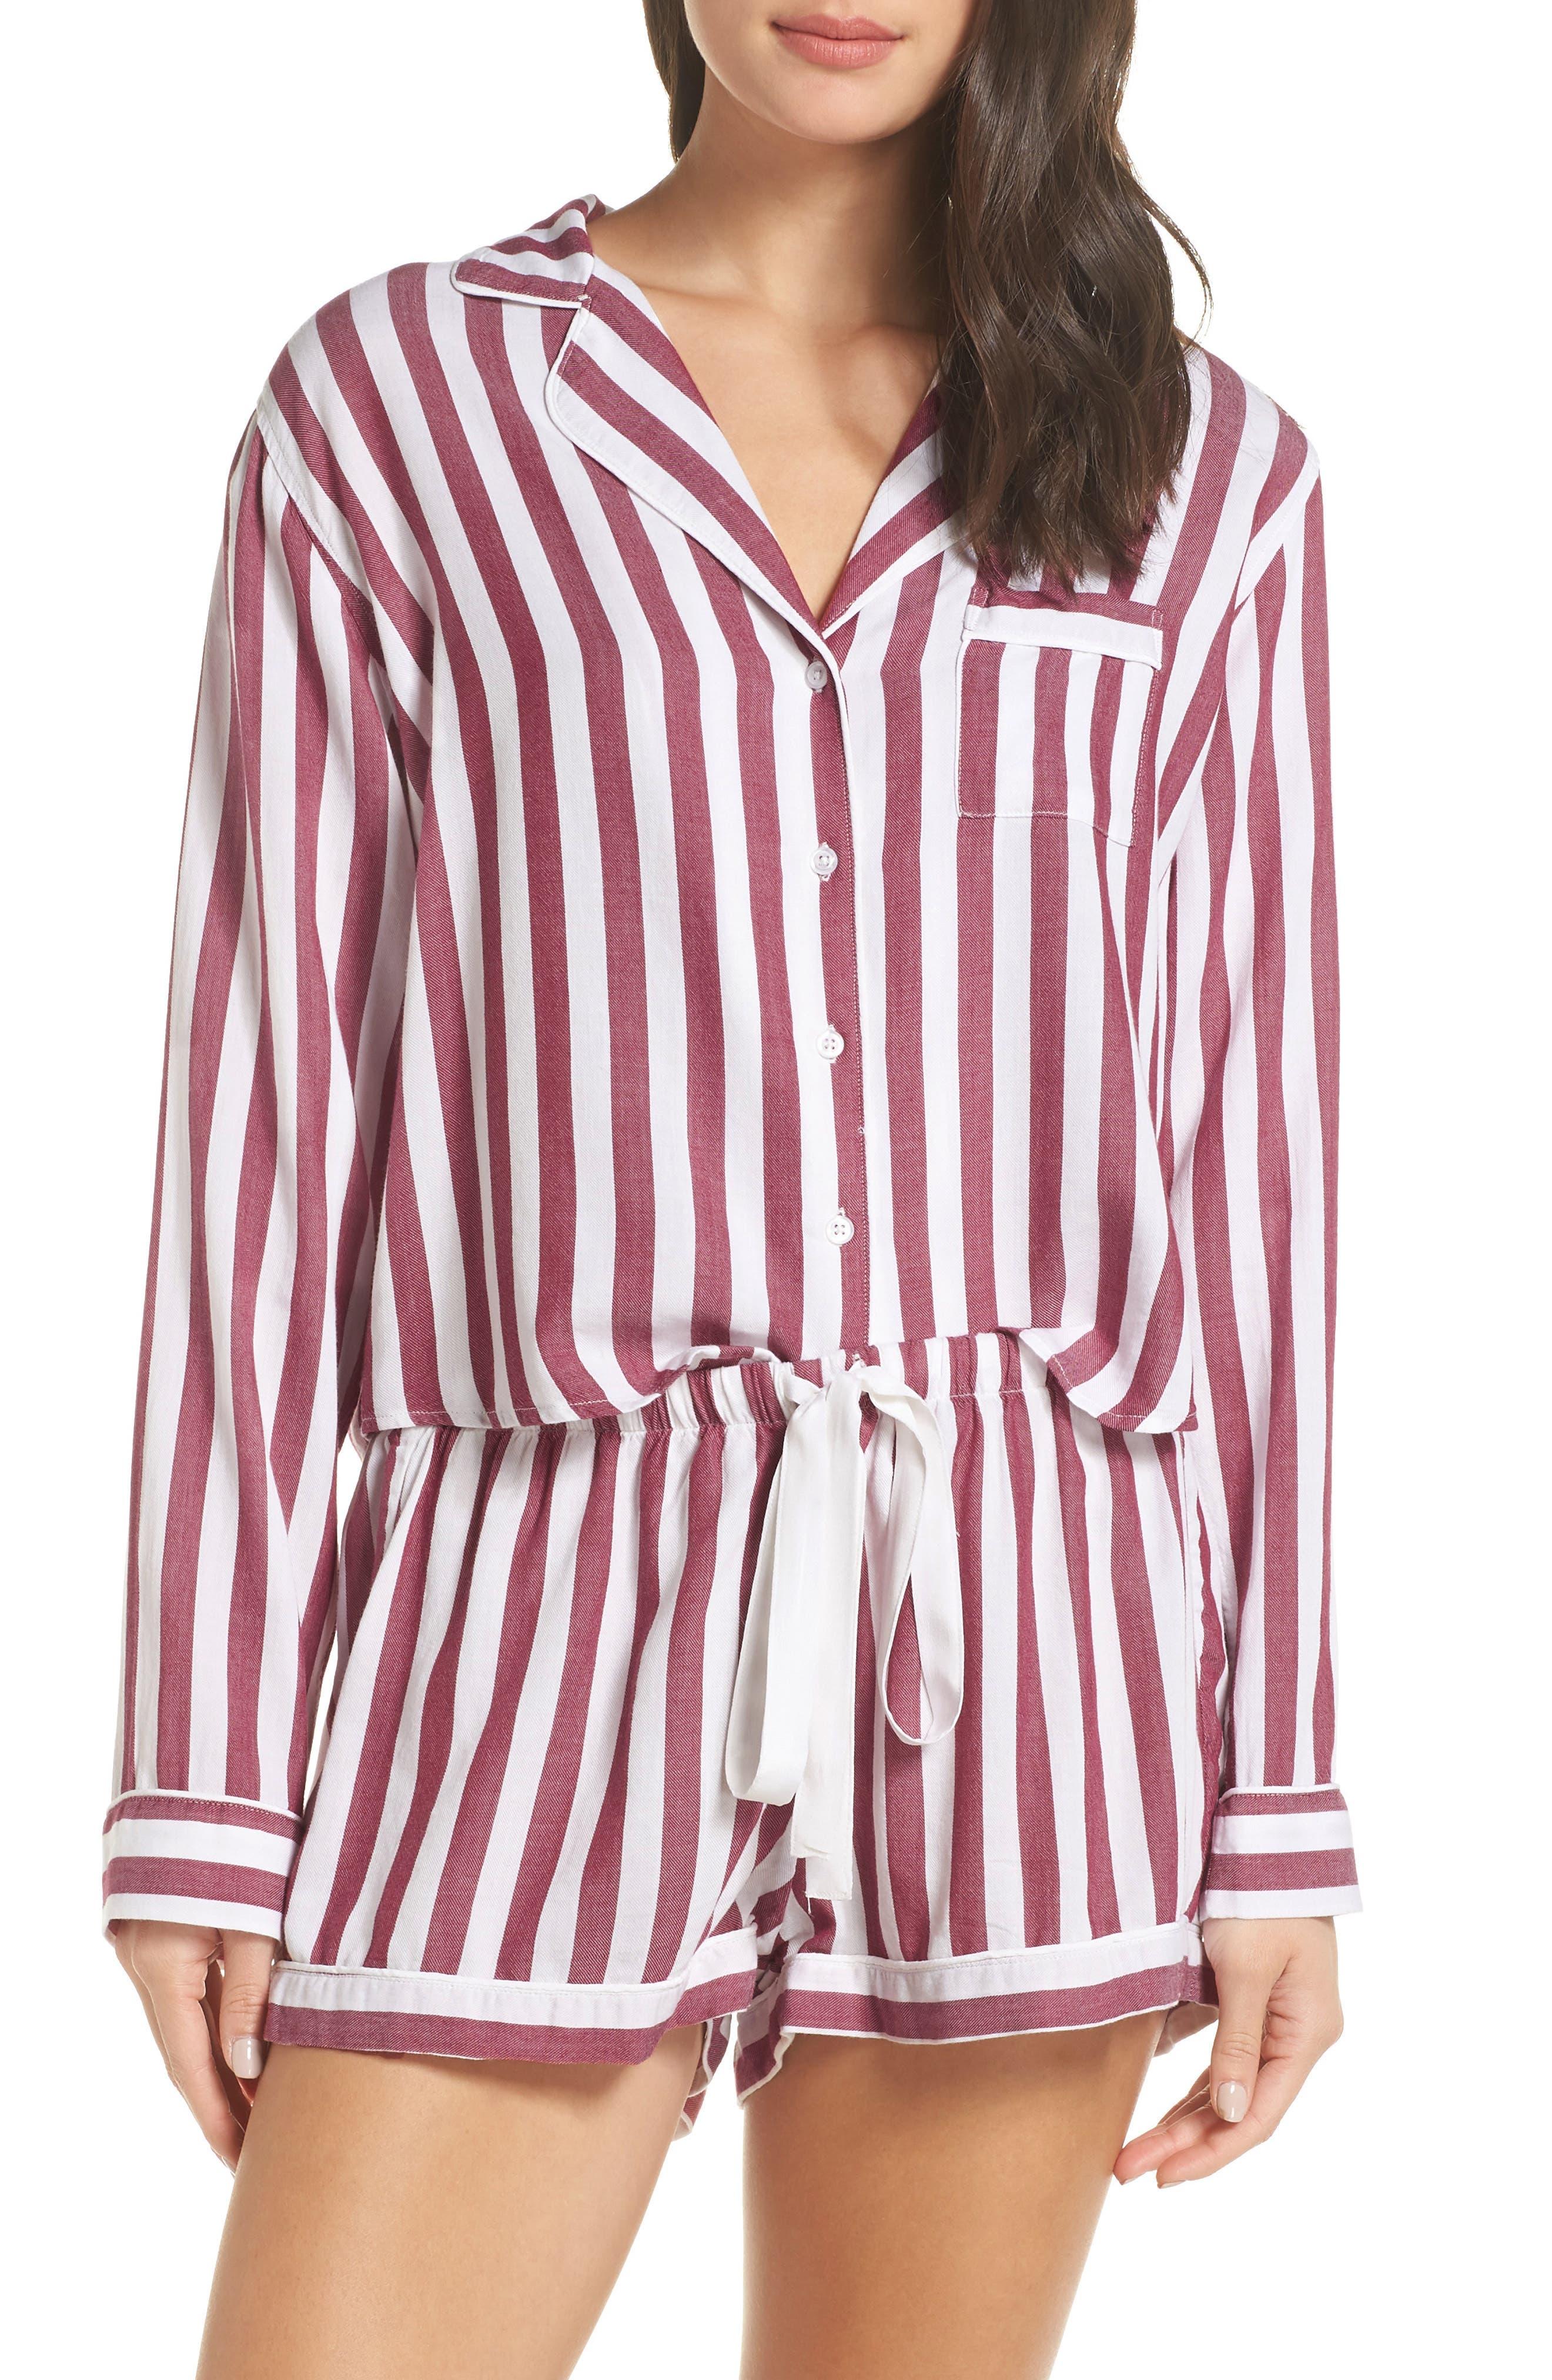 Stripe Short Pajamas,                             Main thumbnail 1, color,                             TOLEDO STRIPE